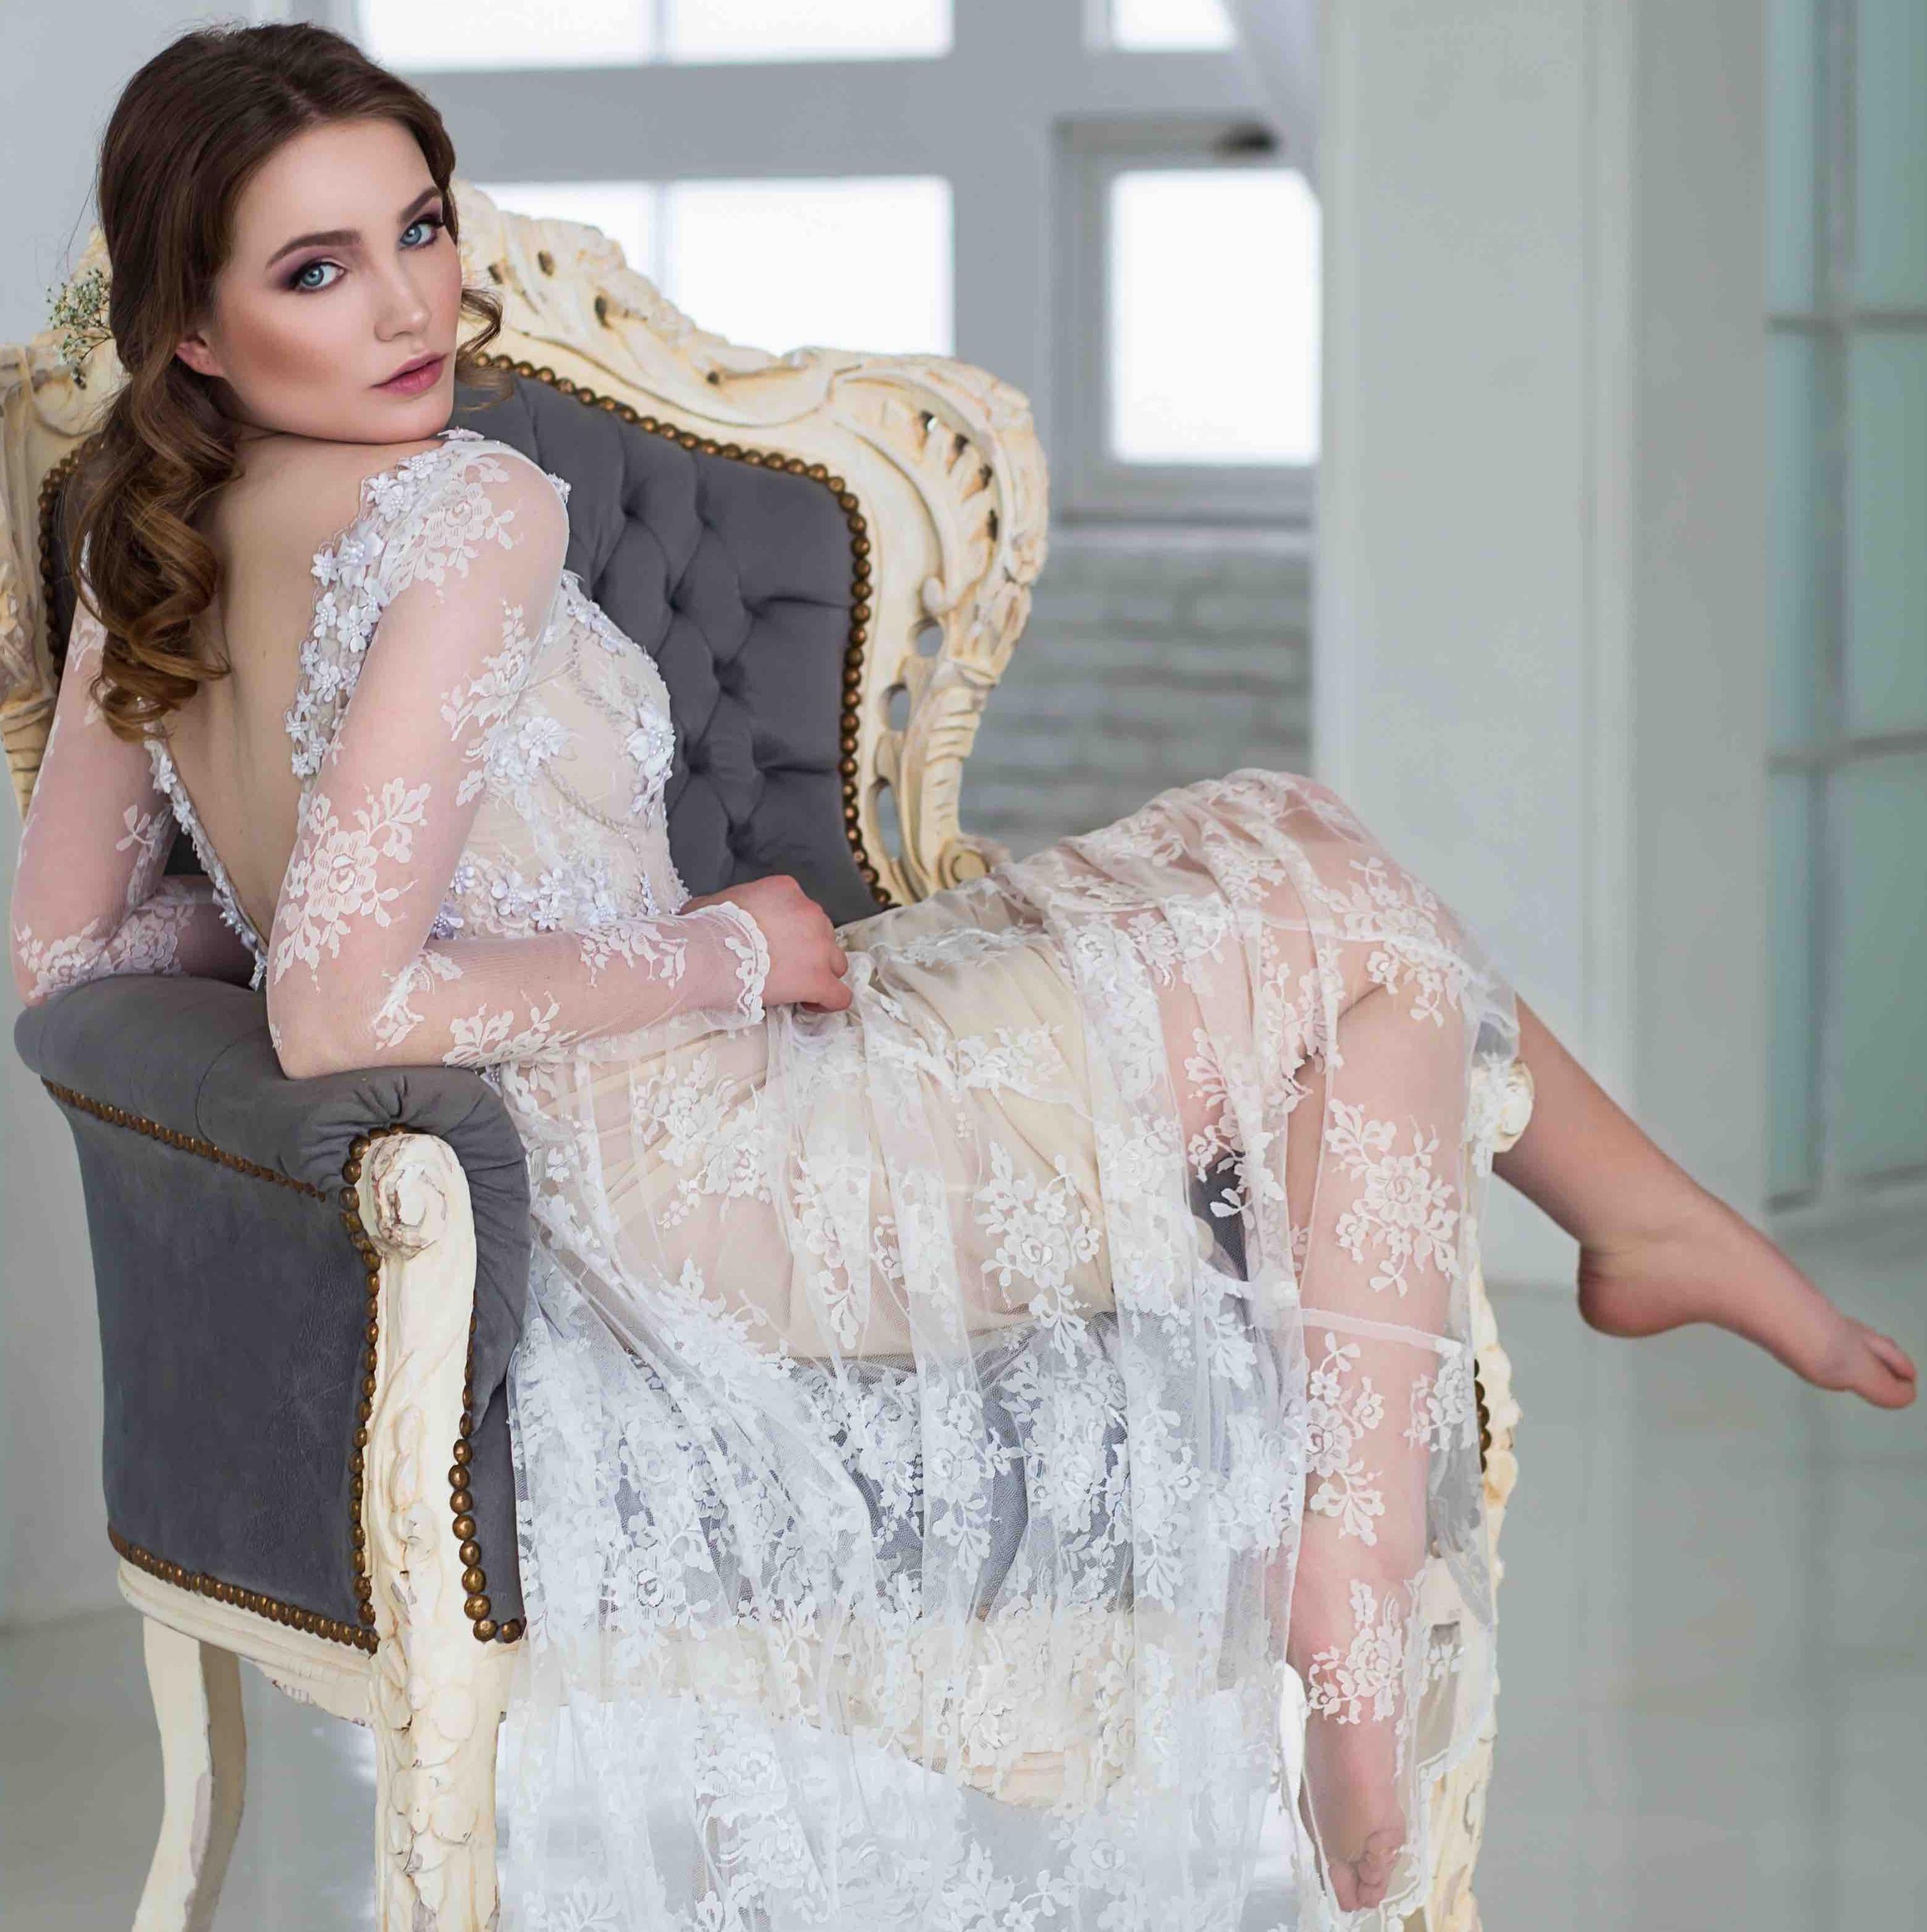 bec329a522 MiaBella - Originální svatební šaty šité na míru